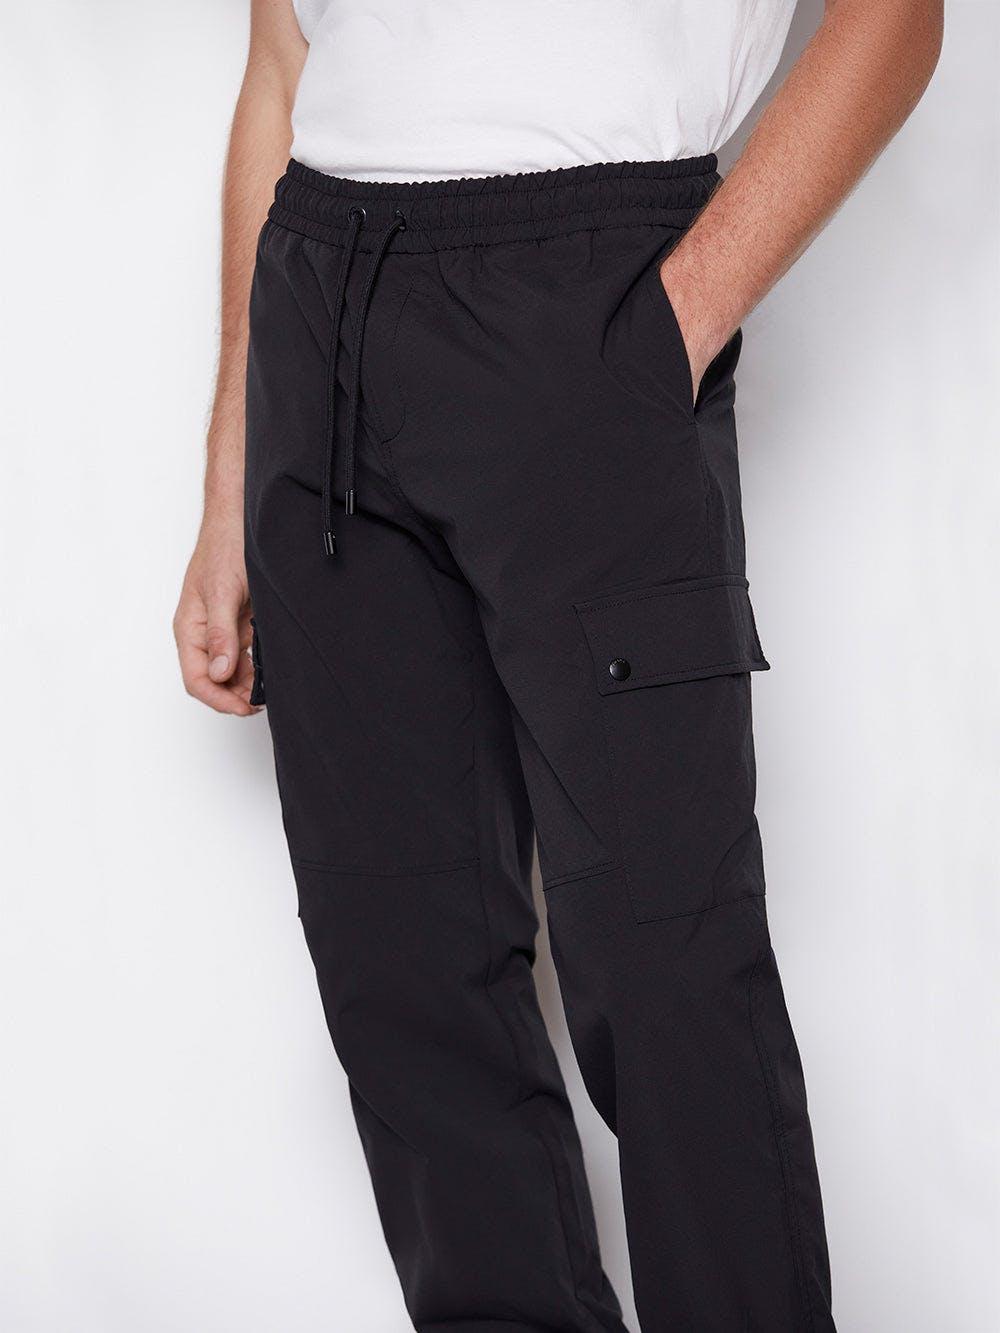 pants detail view alt:hover